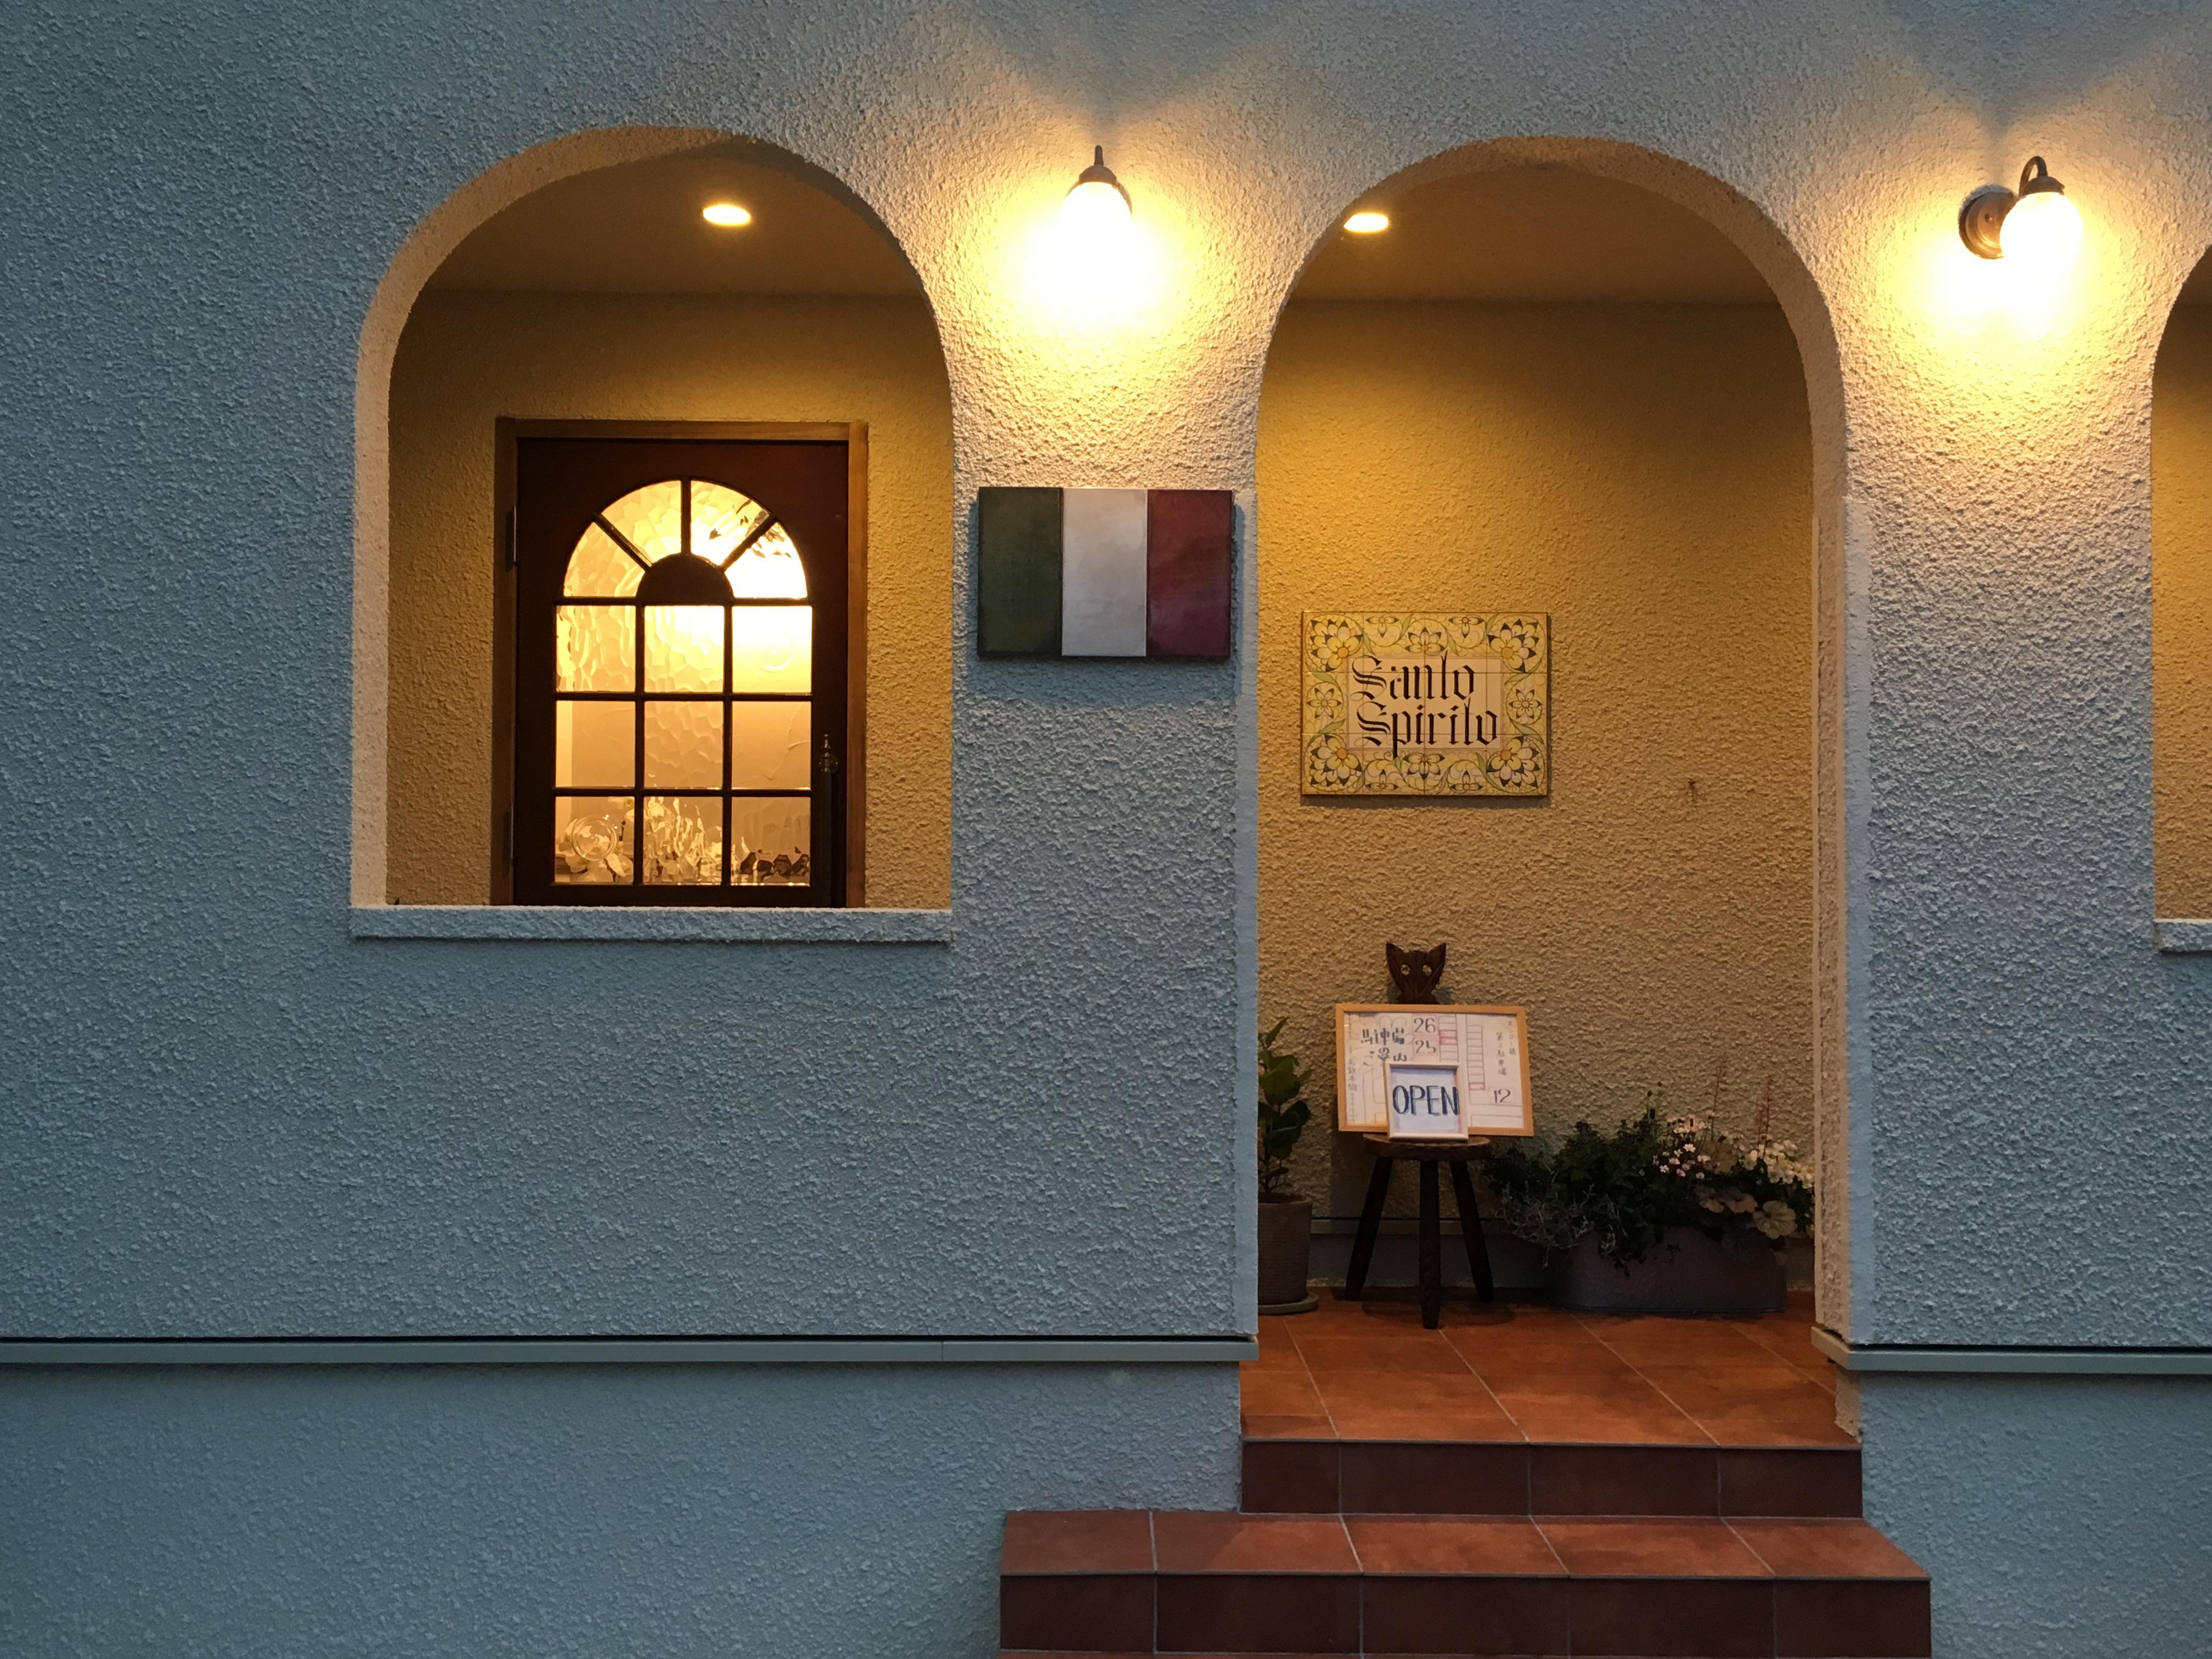 イタリアン好きは必ず抑えたい!岡崎市でトスカーナ料理を提供するサント・スピリト - IMG 6190